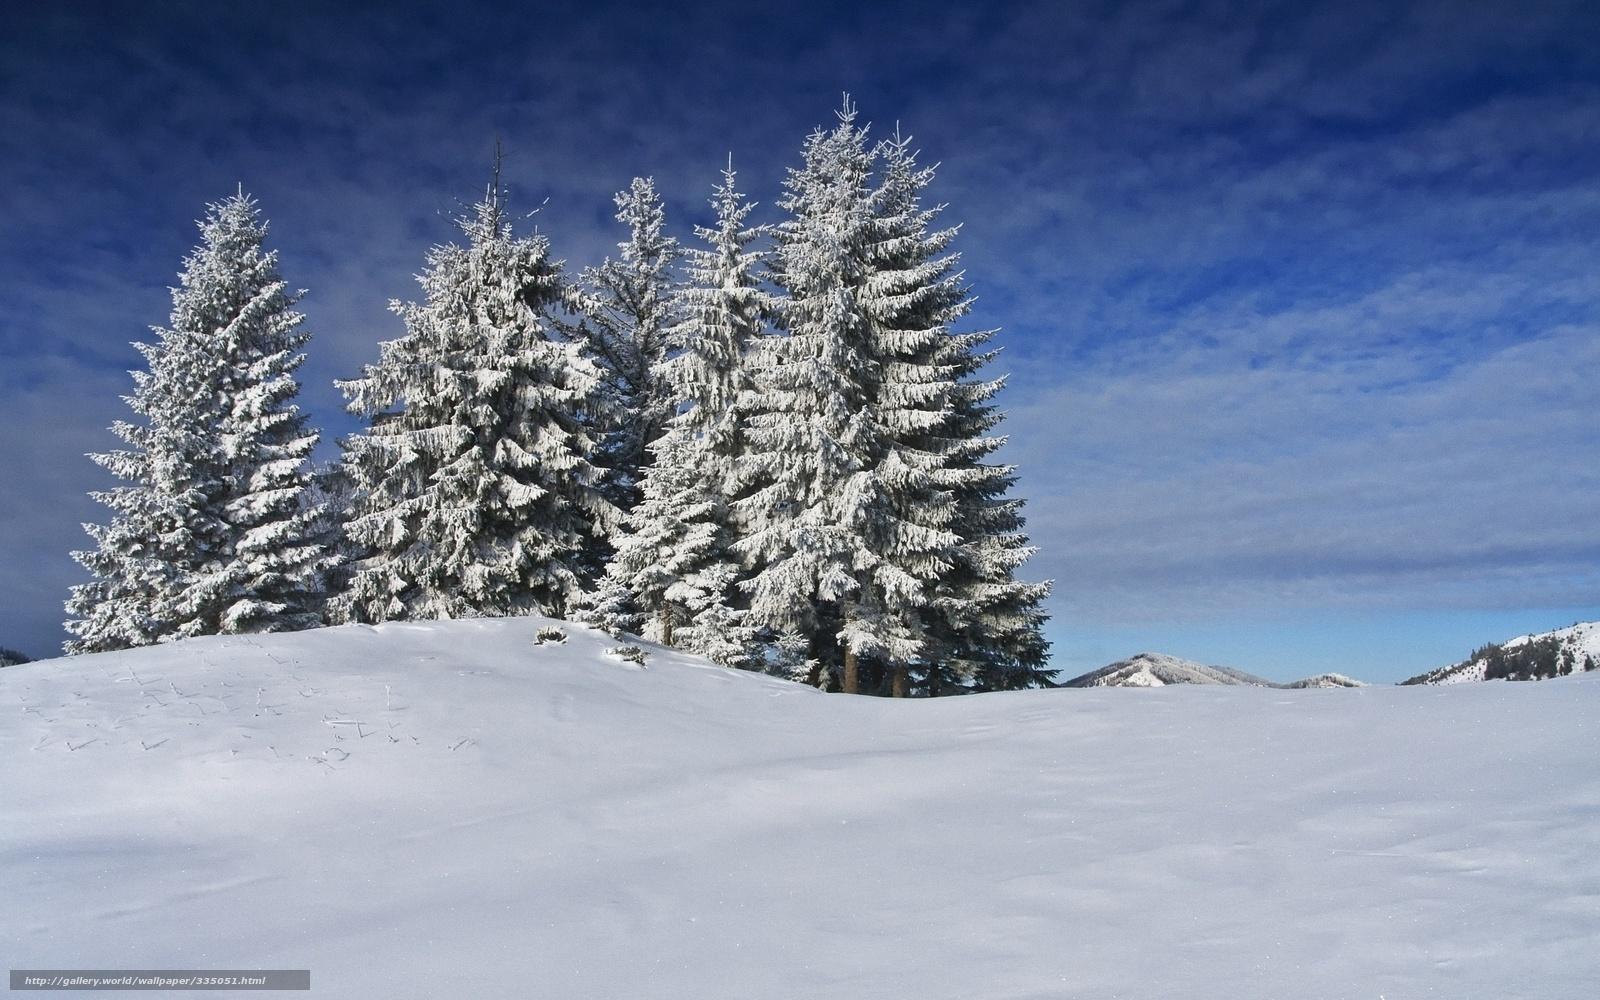 Scaricare gli sfondi inverno neve abete sfondi gratis for Immagini inverno sfondi